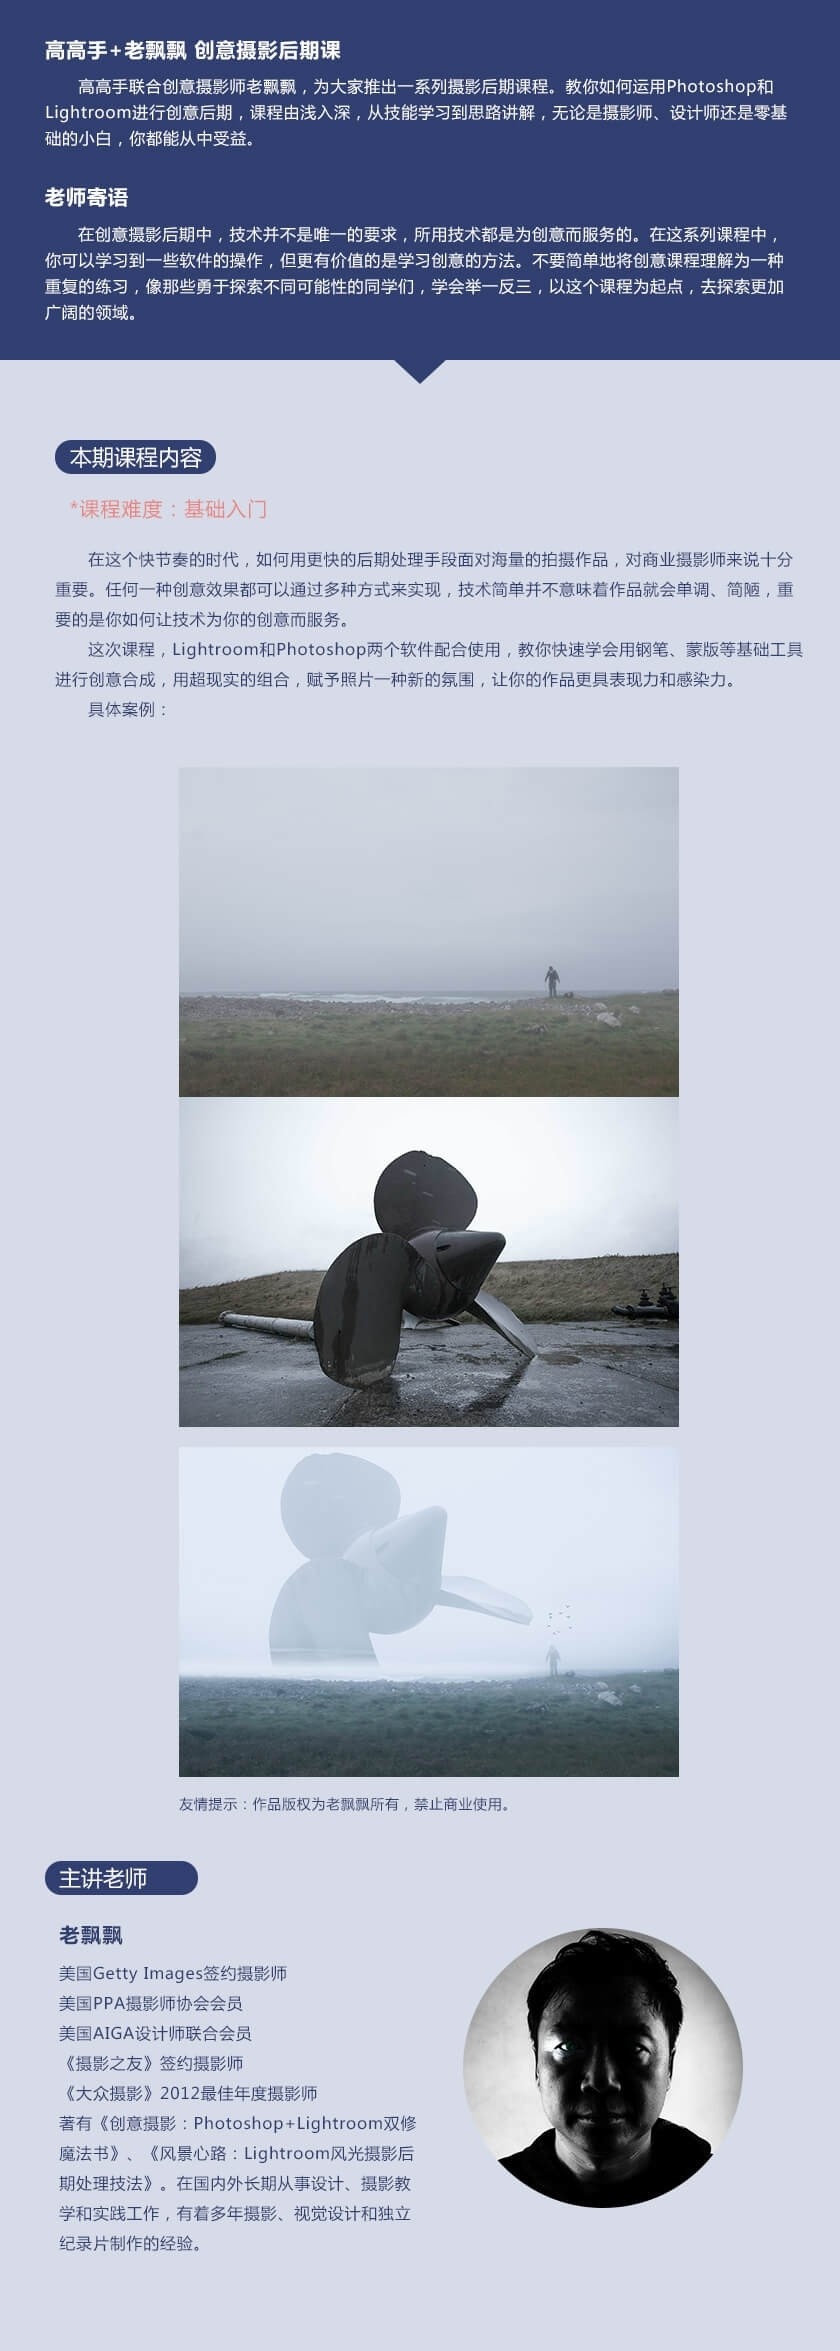 老飘飘-创意合成:迷岸-神秘超现实视